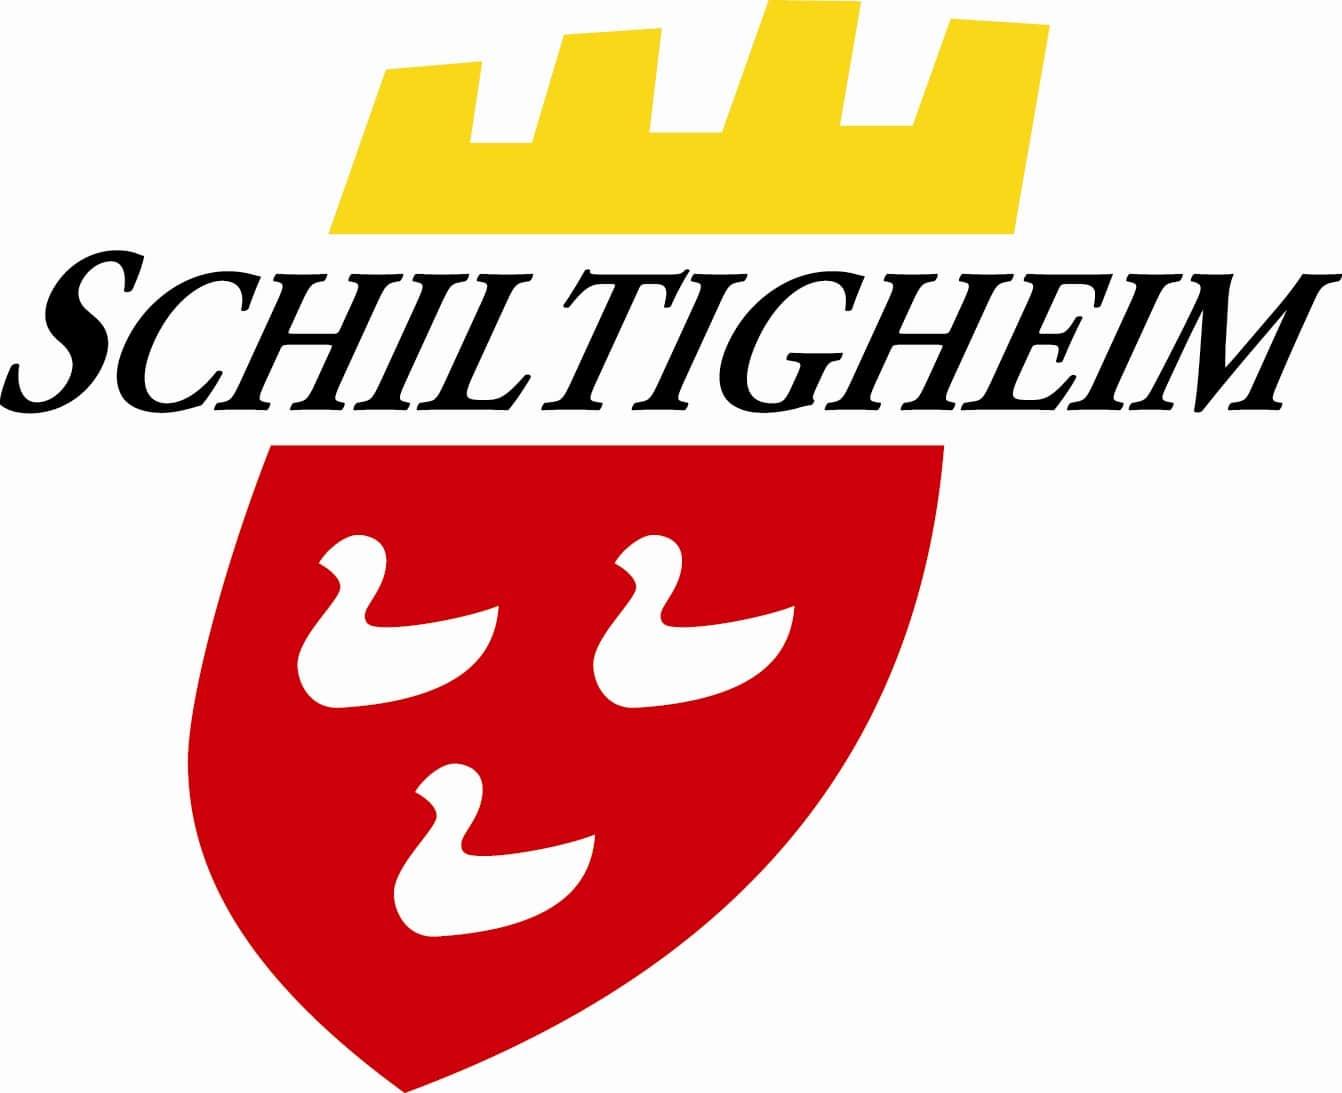 Rachat de crédit à Schiltigheim